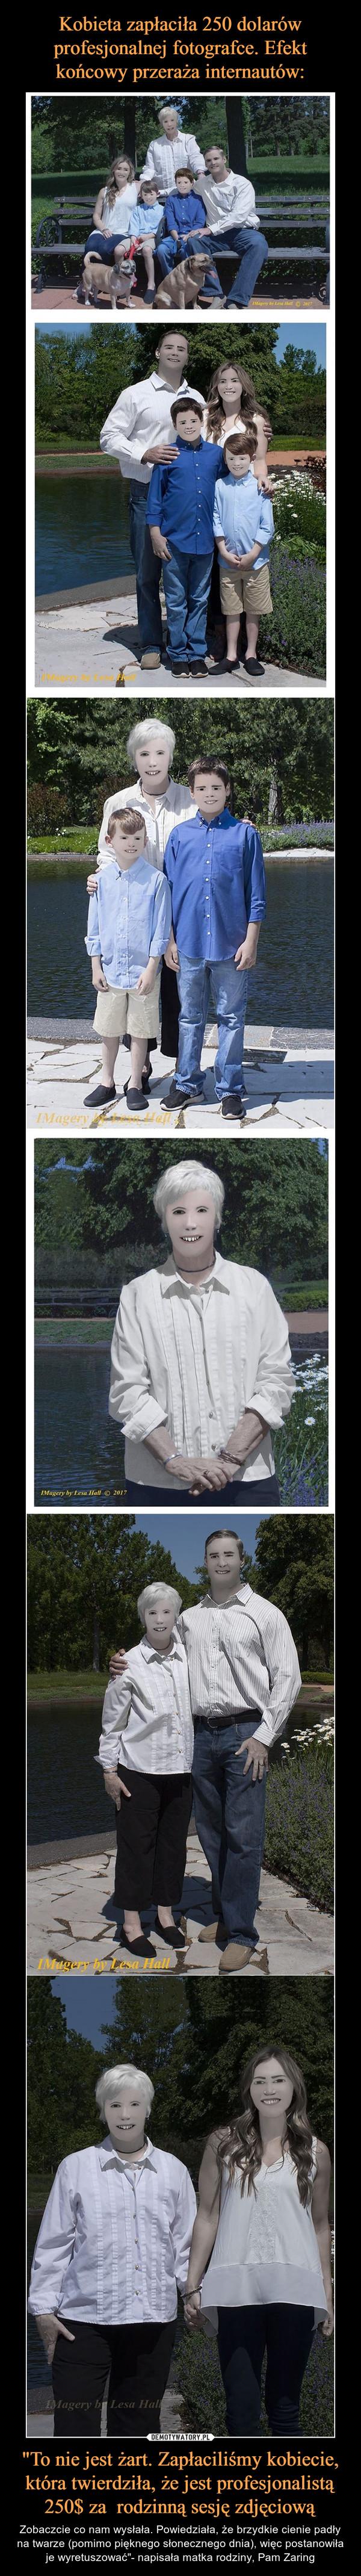 """""""To nie jest żart. Zapłaciliśmy kobiecie, która twierdziła, że jest profesjonalistą 250$ za  rodzinną sesję zdjęciową – Zobaczcie co nam wysłała. Powiedziała, że brzydkie cienie padły na twarze (pomimo pięknego słonecznego dnia), więc postanowiła je wyretuszować""""- napisała matka rodziny, Pam Zaring"""